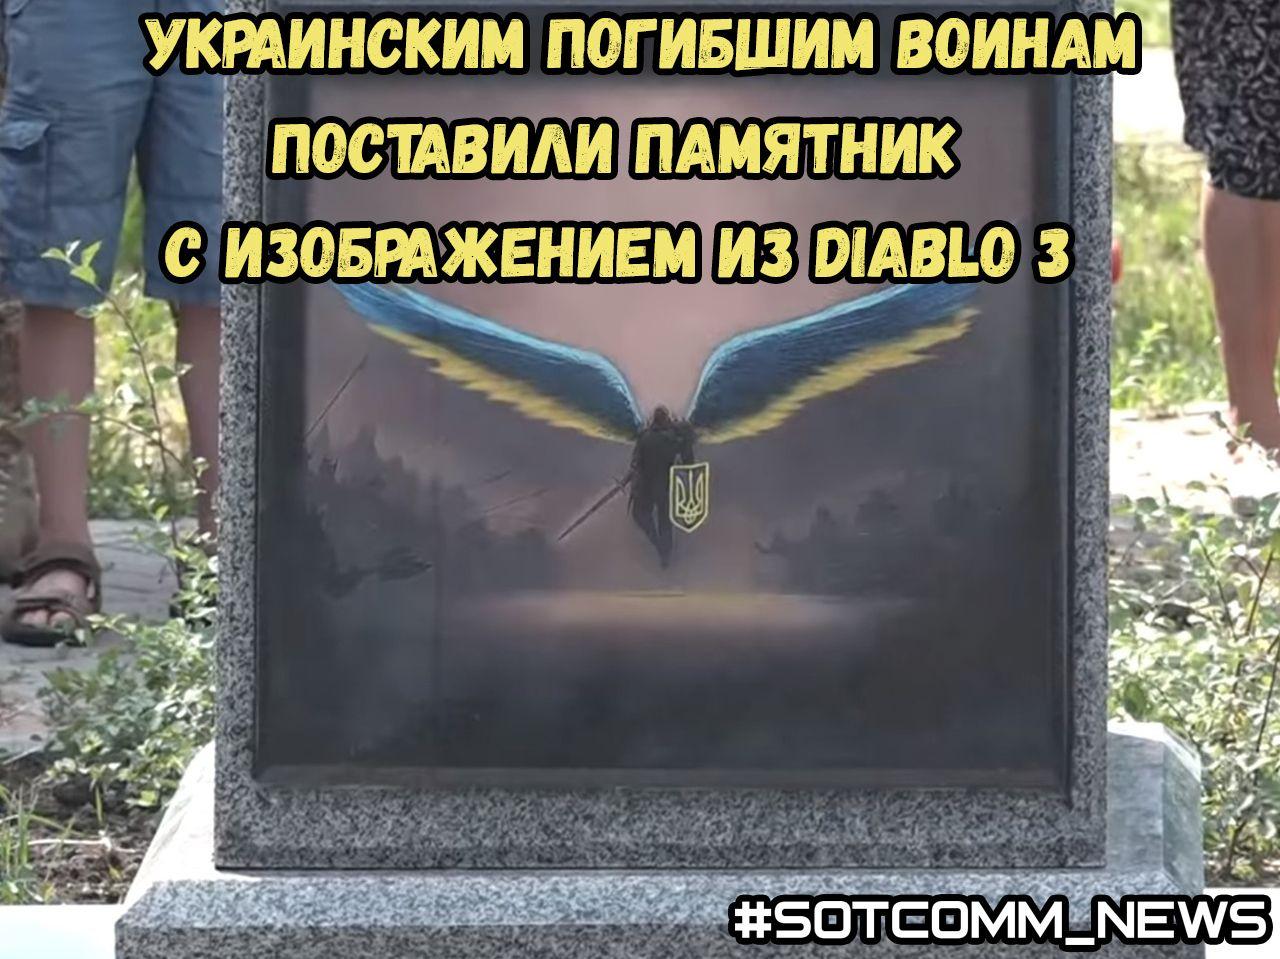 Украинским погибшим воинам АТО поставили памятник с изображением из Diablo 3